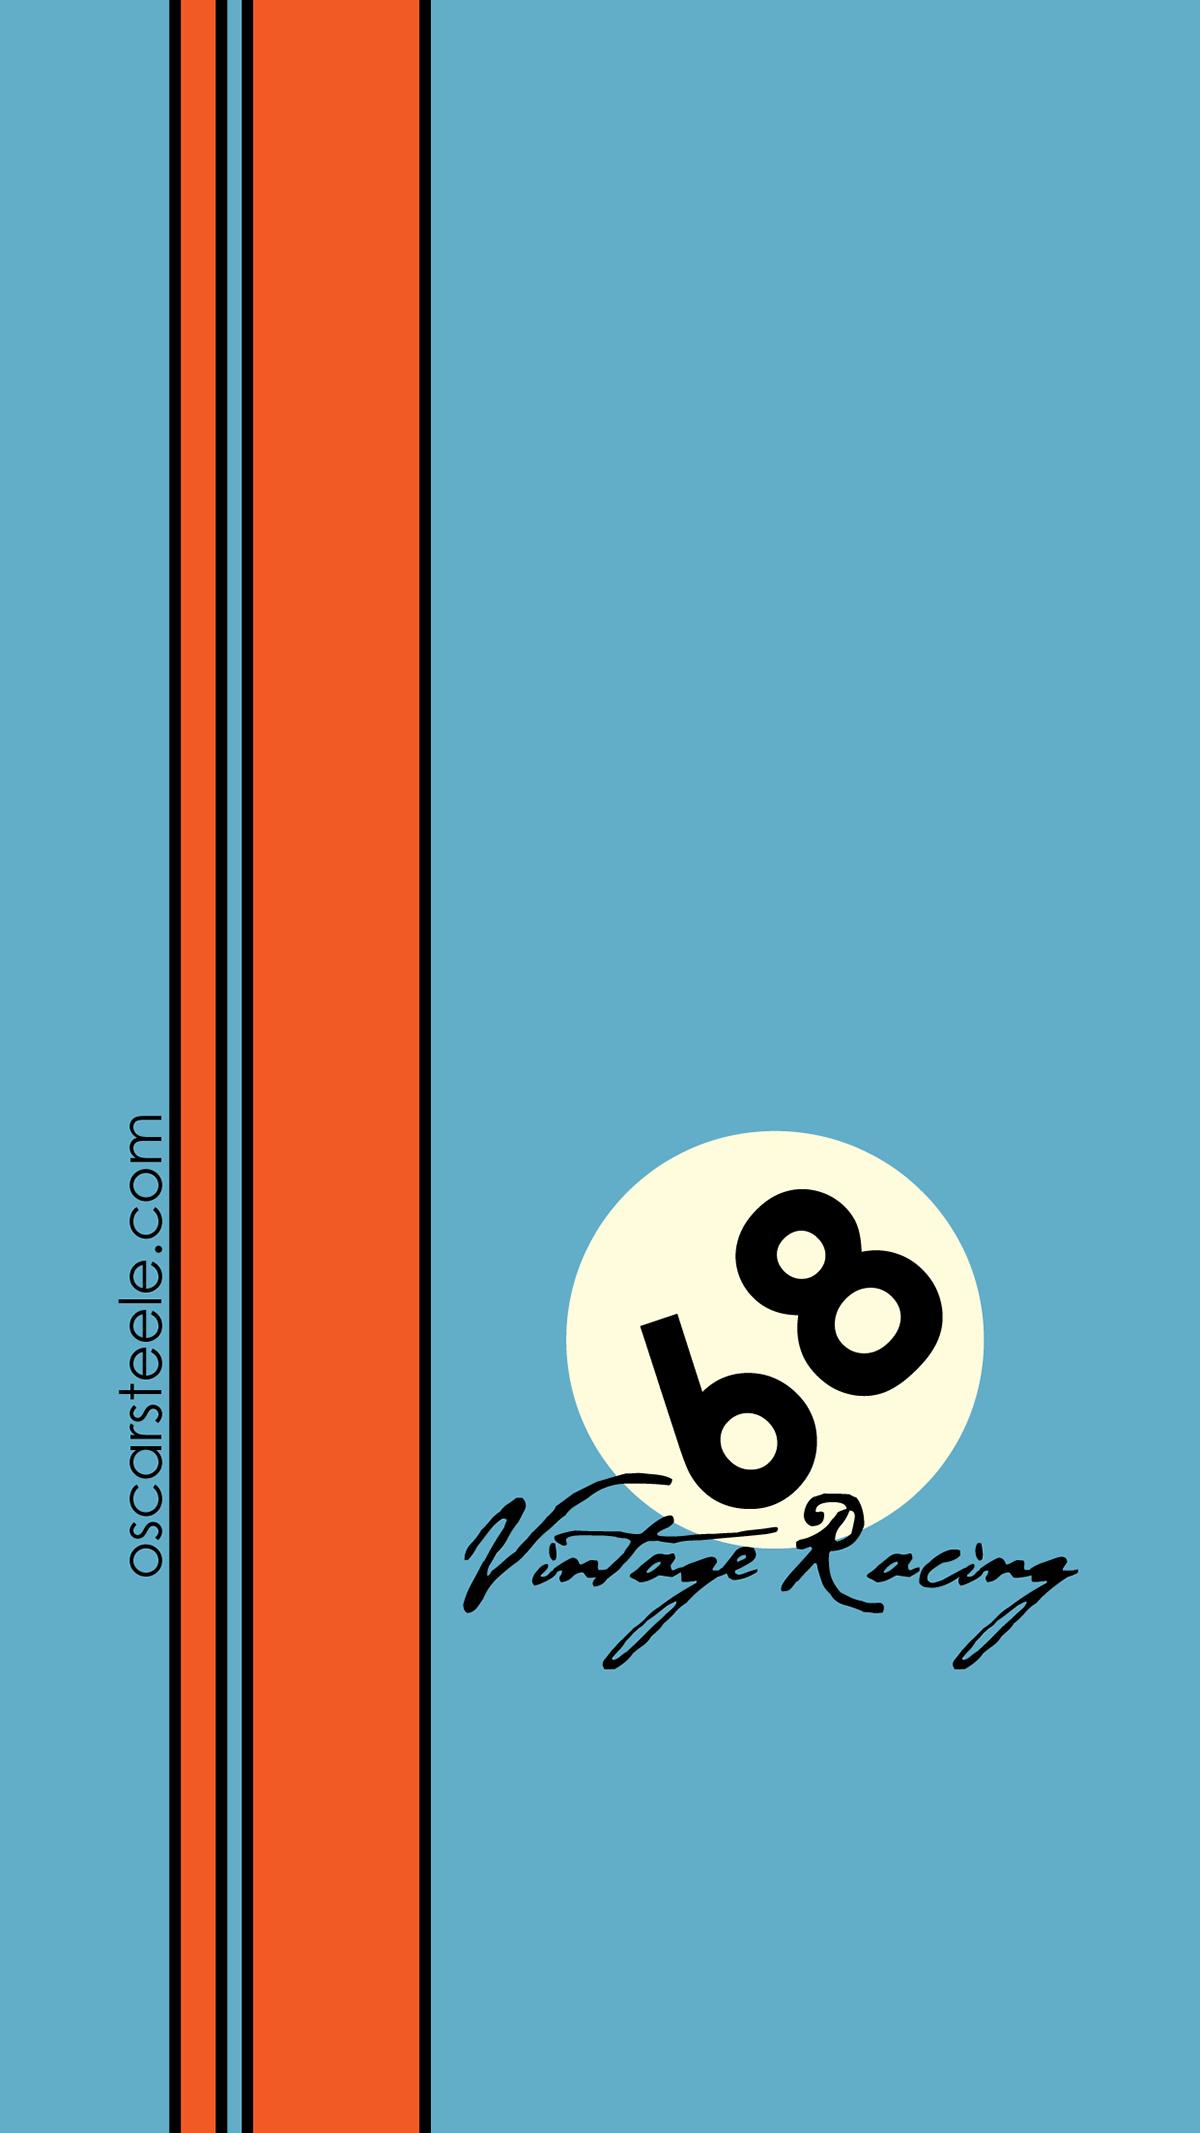 68 Vintage Racing Iphone Ios 6 Plus Wallpaper On Behance